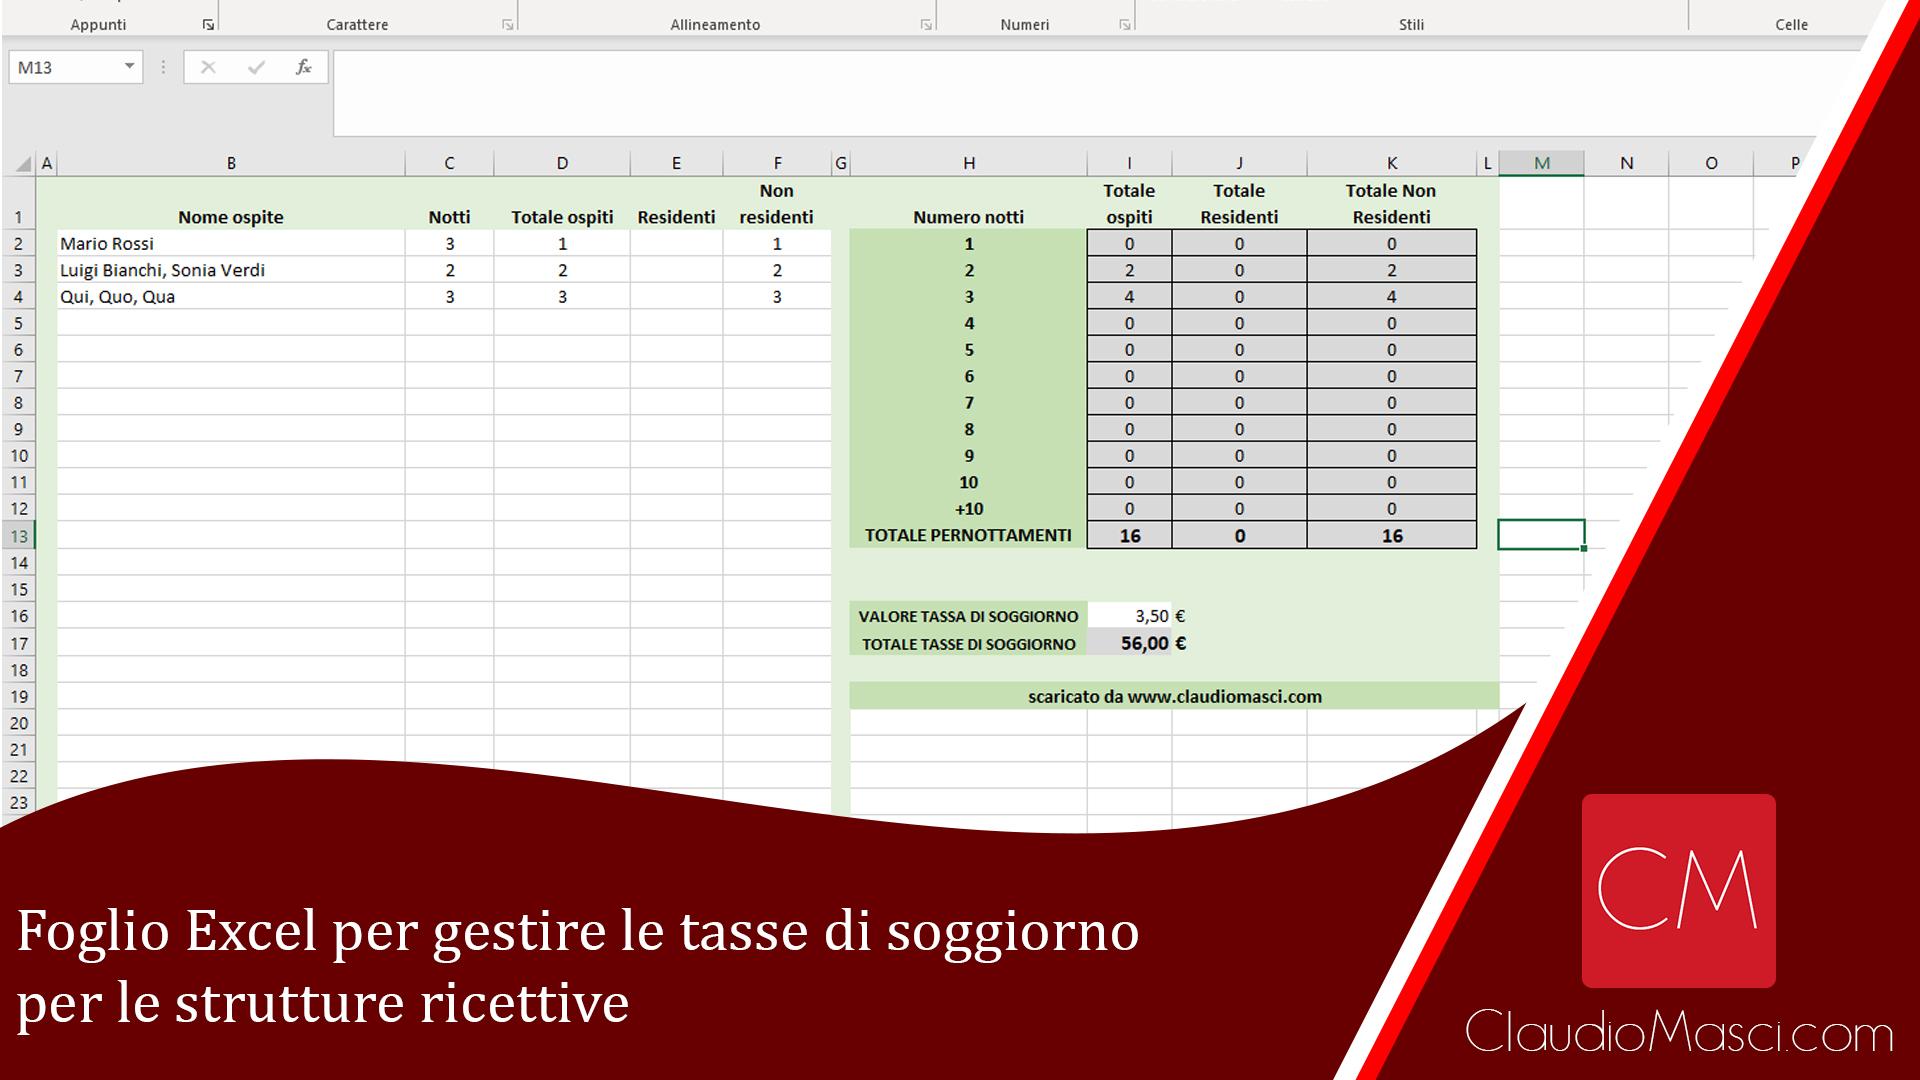 Foglio Excel per gestire le tasse di soggiorno per le strutture ricettive